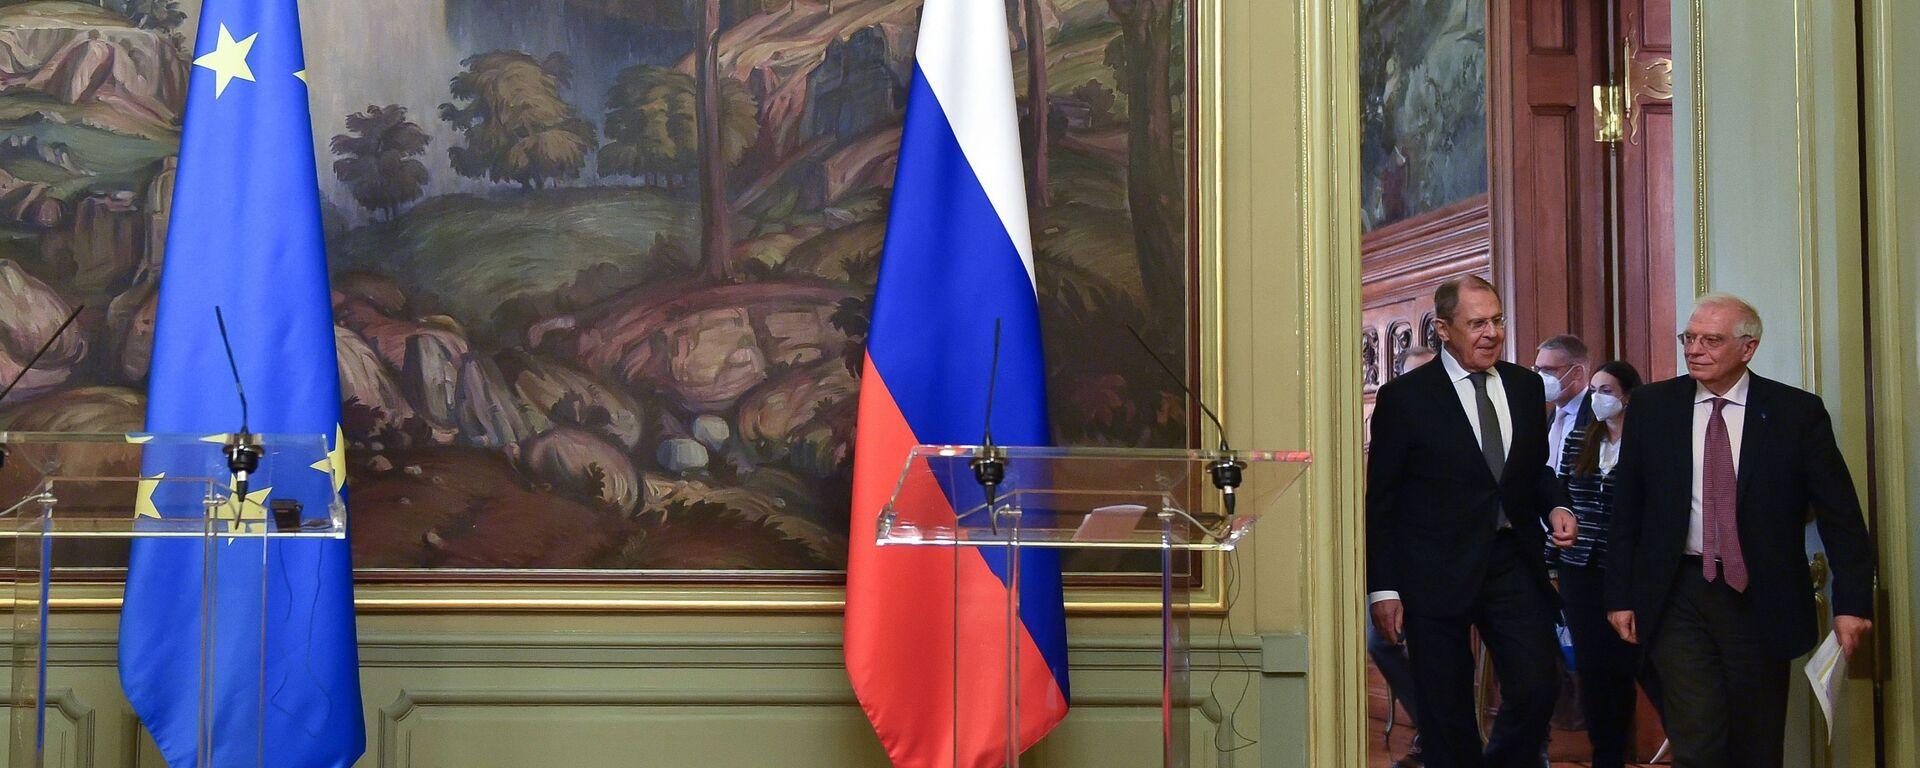 El jefe de la diplomacia europea, Josep Borrell, junto al canciller de Rusia, Serguéi Lavrov - Sputnik Mundo, 1920, 23.03.2021